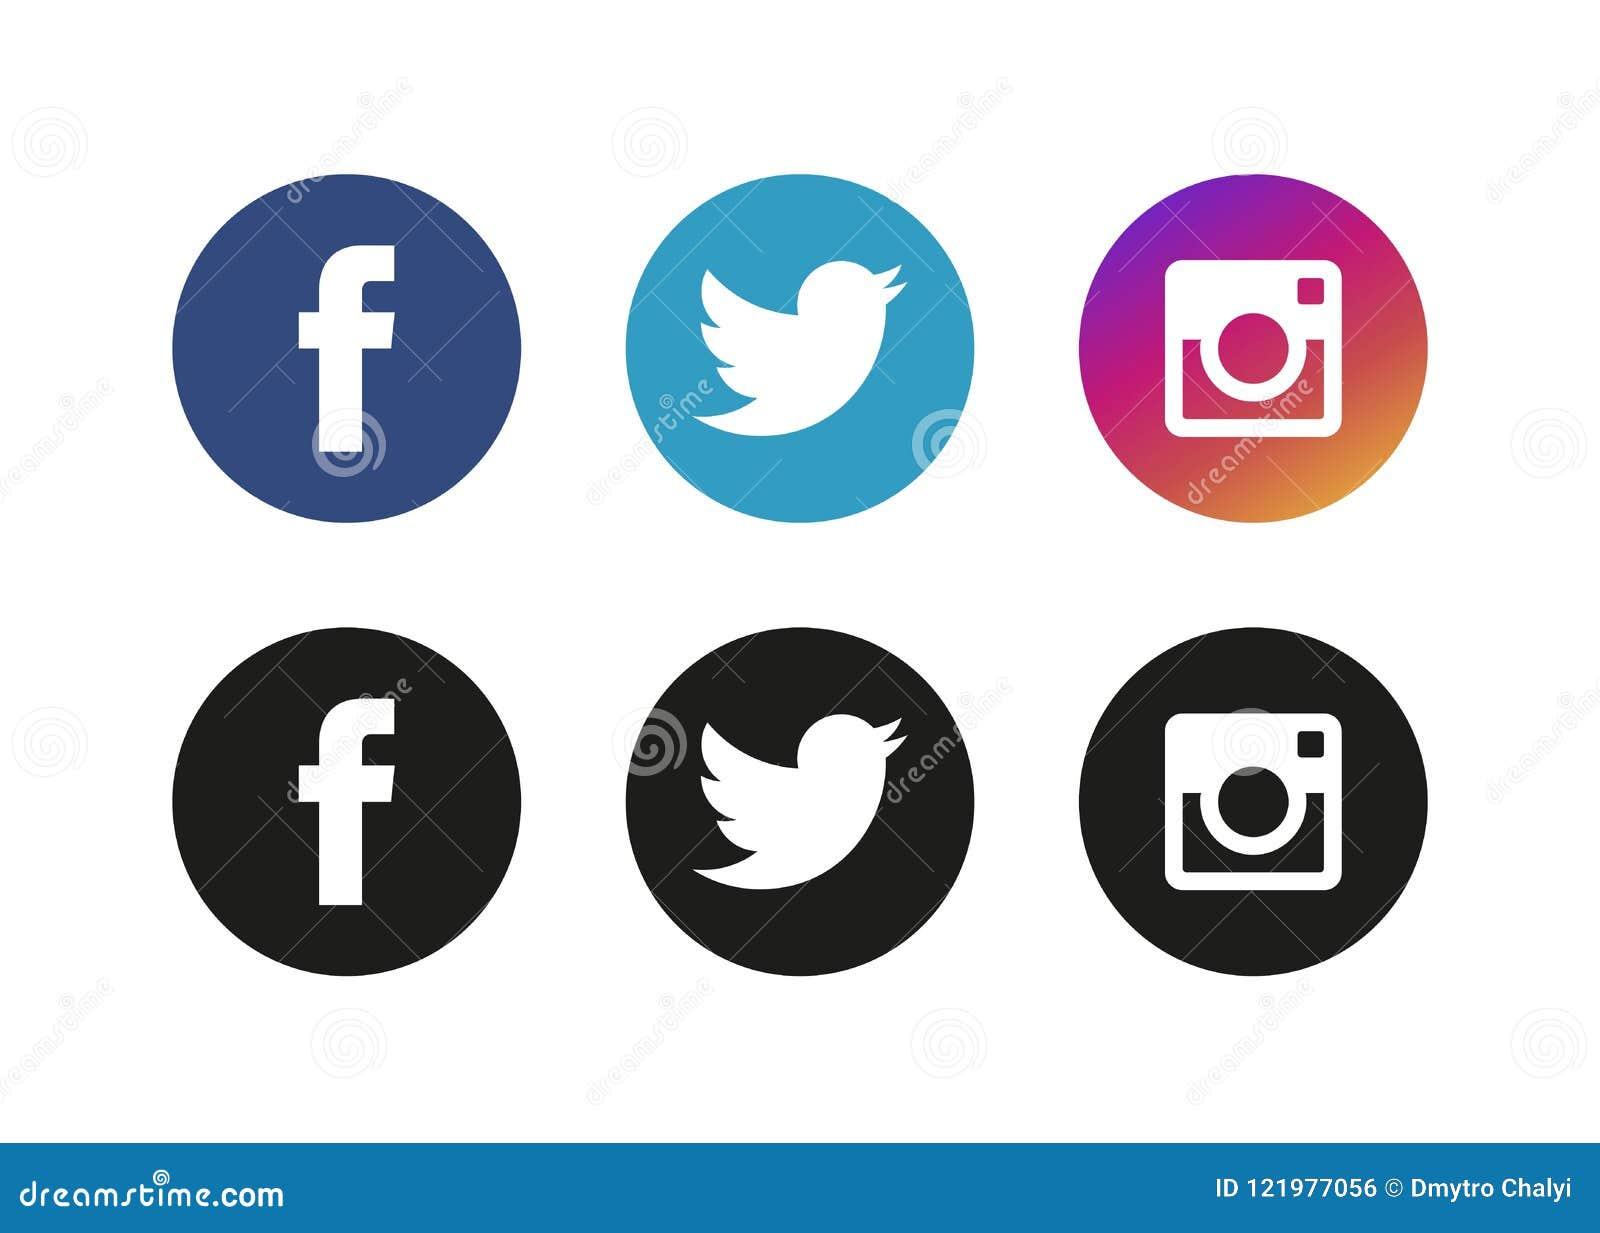 4507b39a1432553457 Fb Xl Png: June 20, 2017: Set Of Popular Social